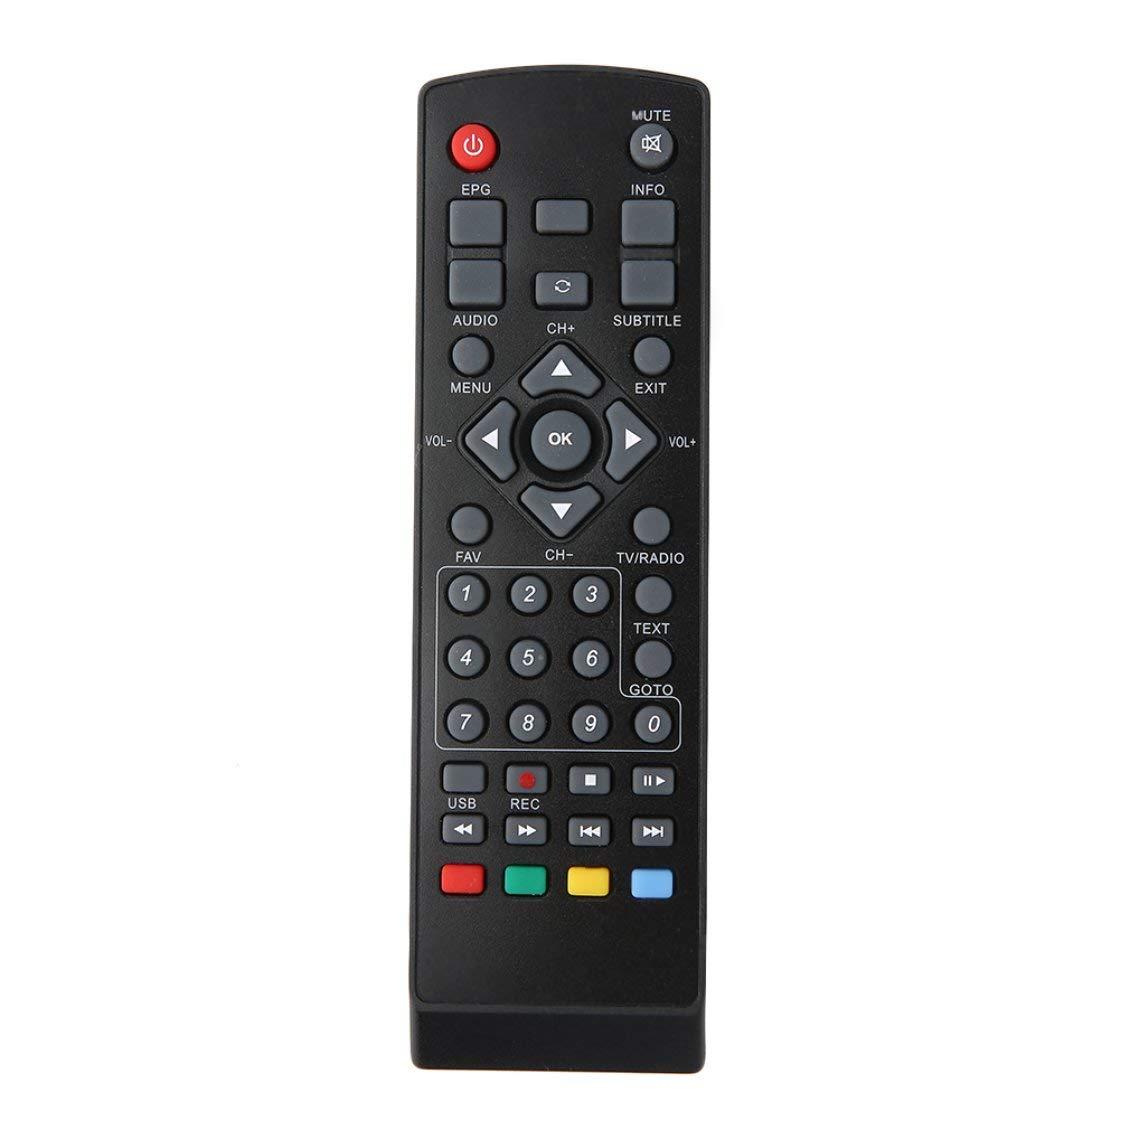 MIXIUSIXIU High Definition Digital Video Broadcasting Terrestrischer Receiver DVB-T2 Schwarz